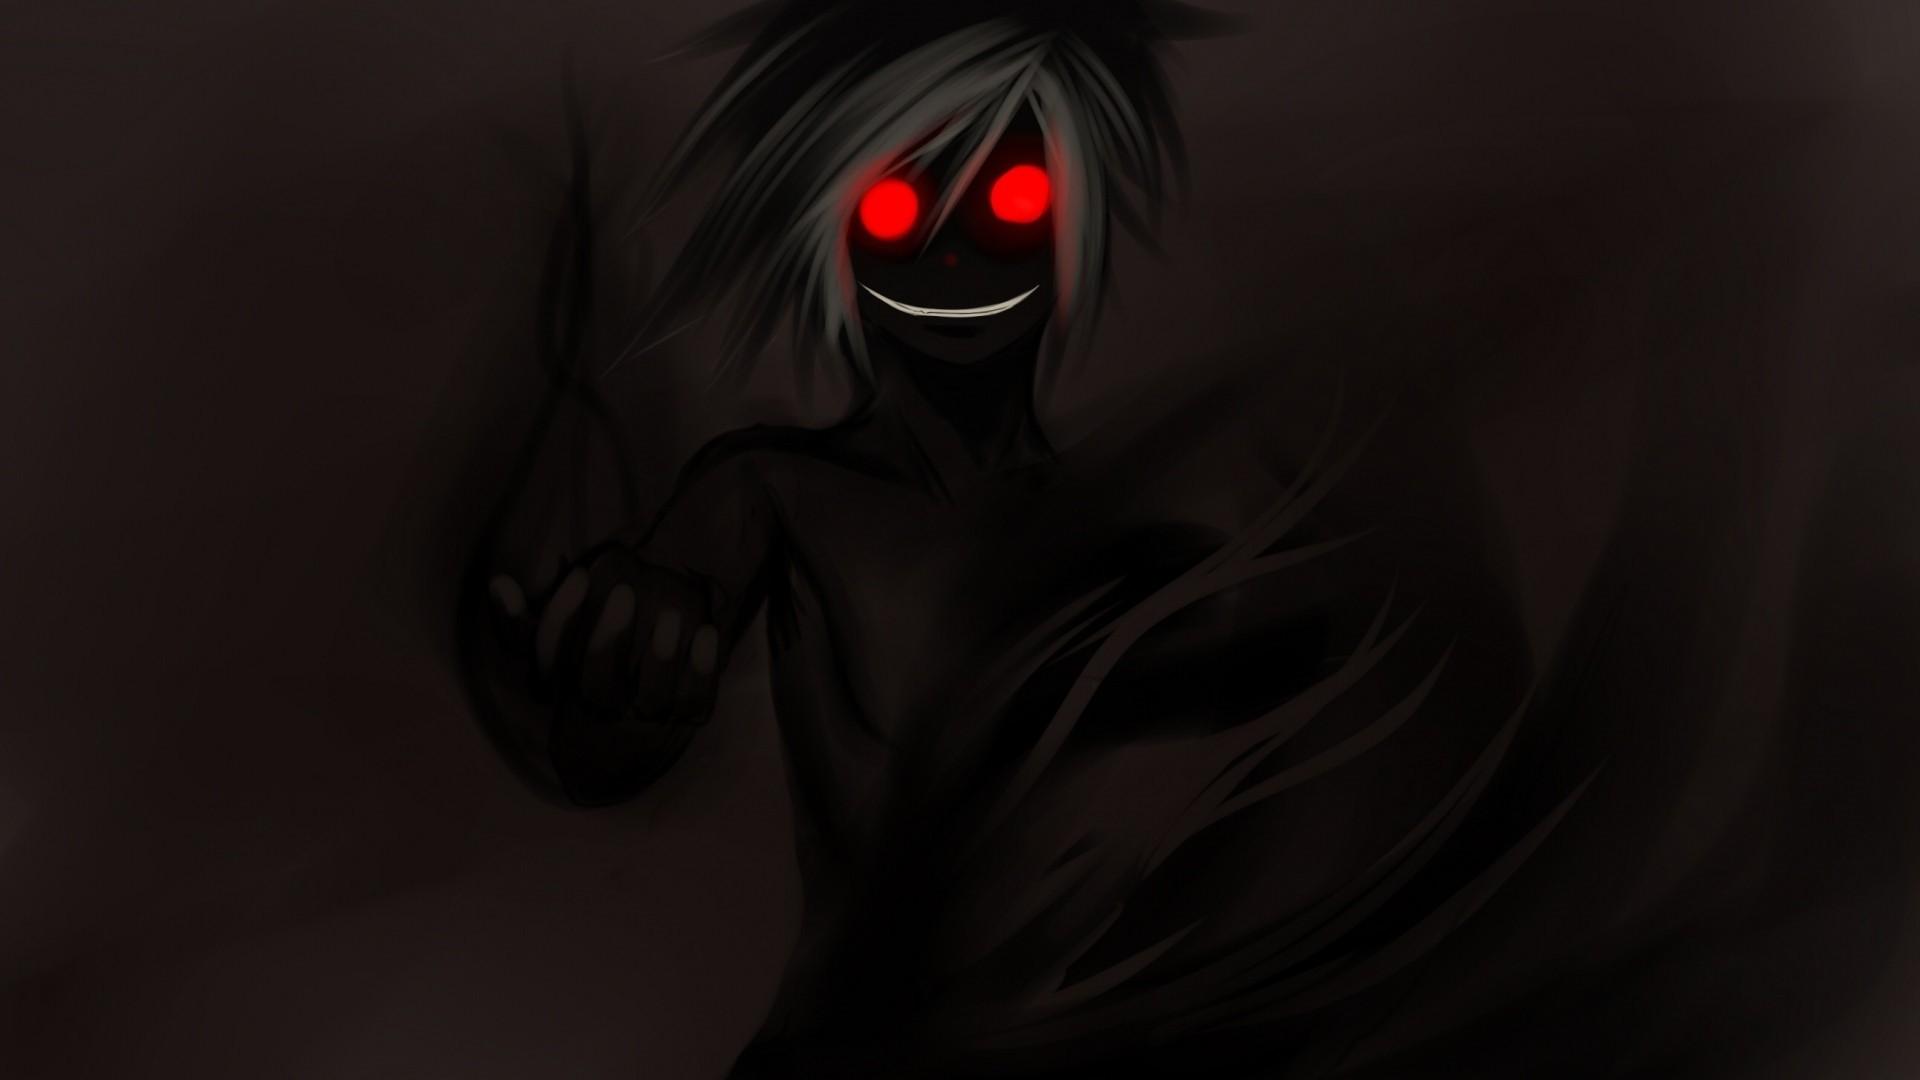 Anime Demon Boy Download Wallpaper